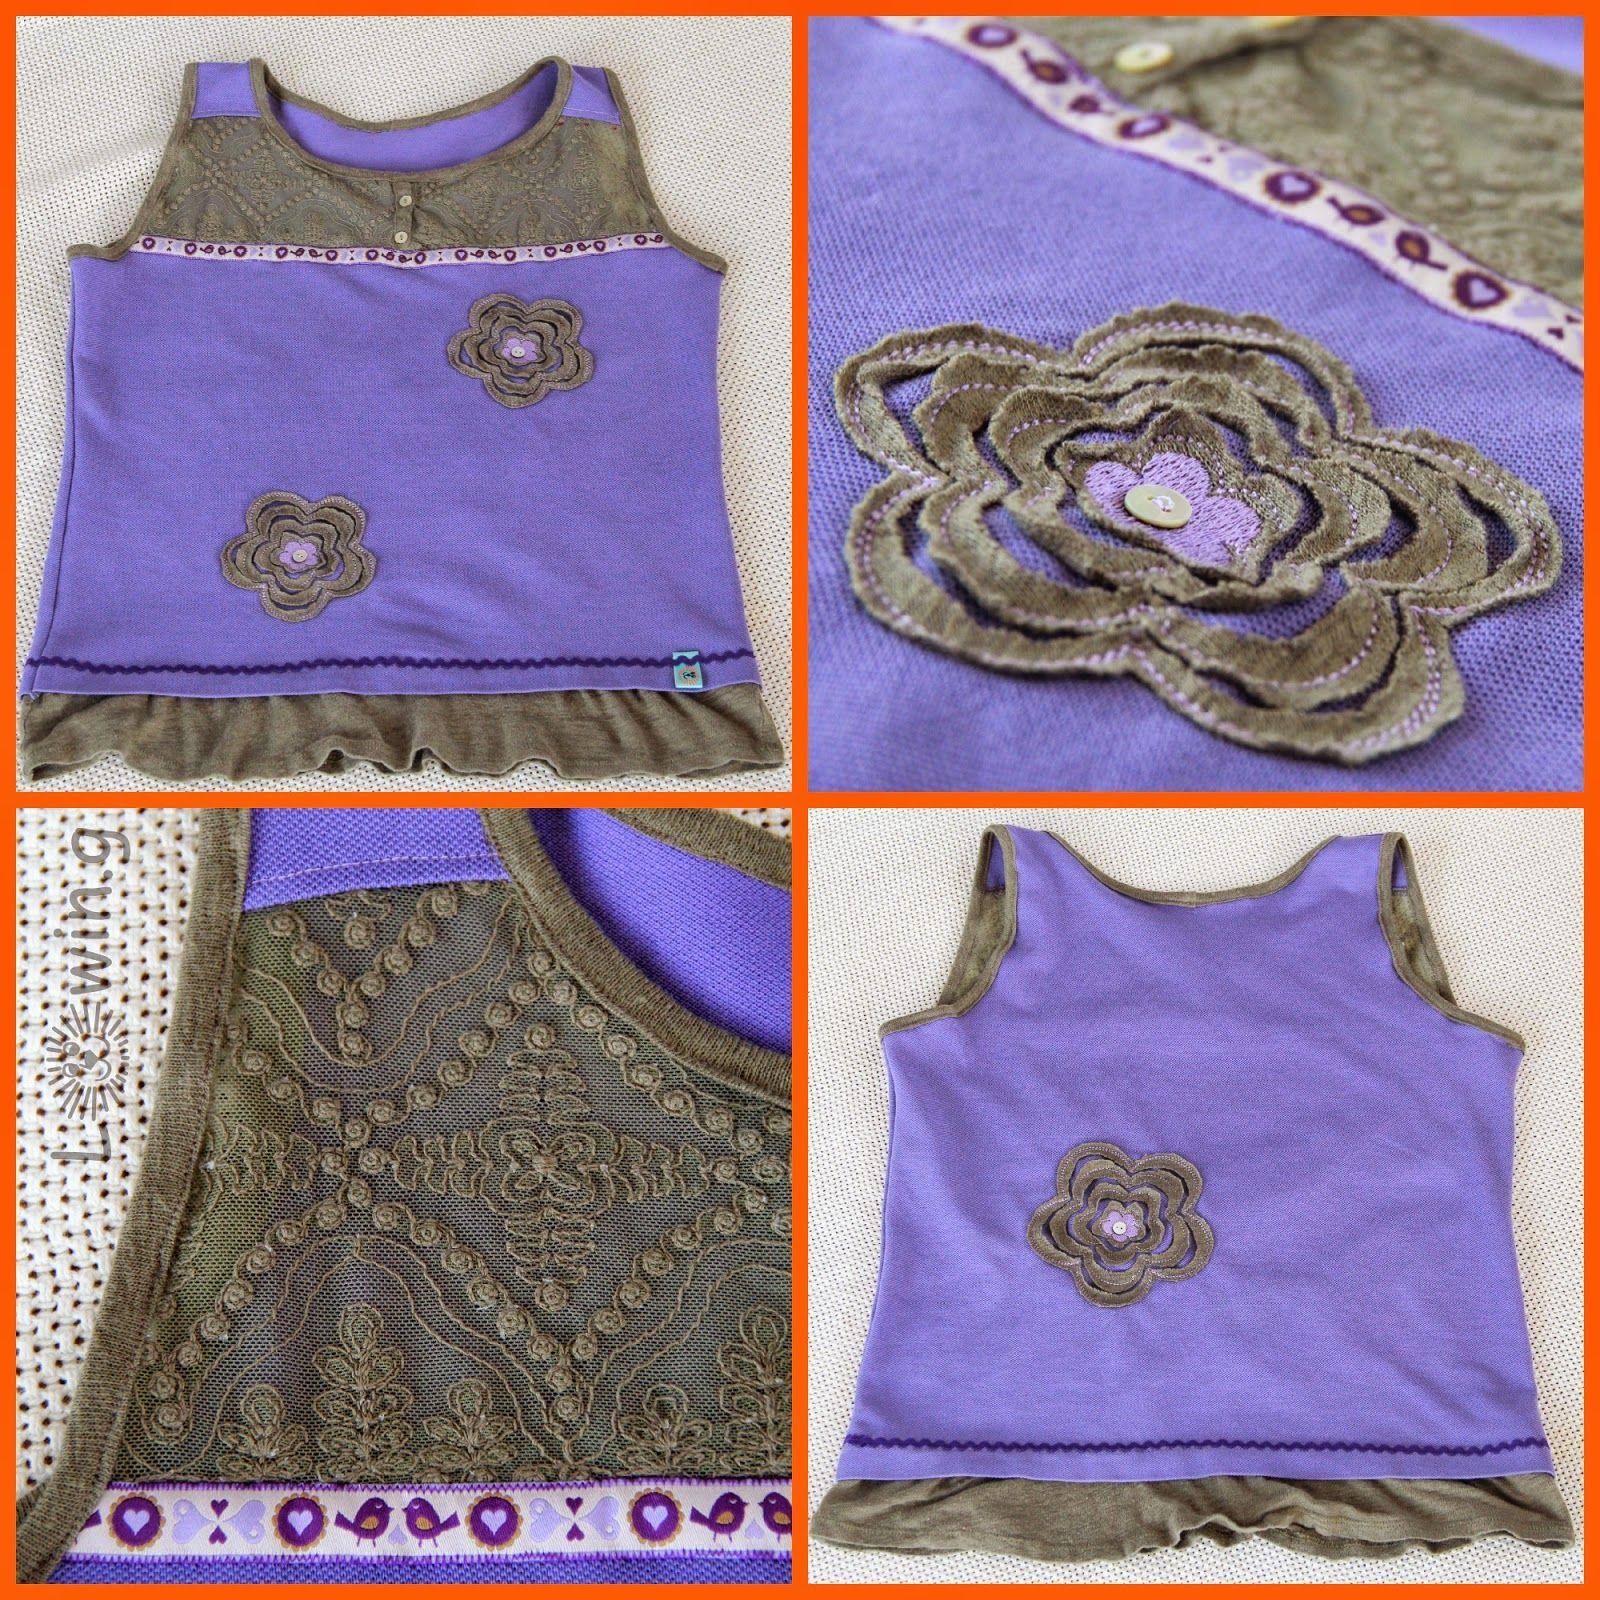 Kindershirt aus 2 kaputten Oberteilen / Children's shirt made from 2 torn shirts / Upcycling